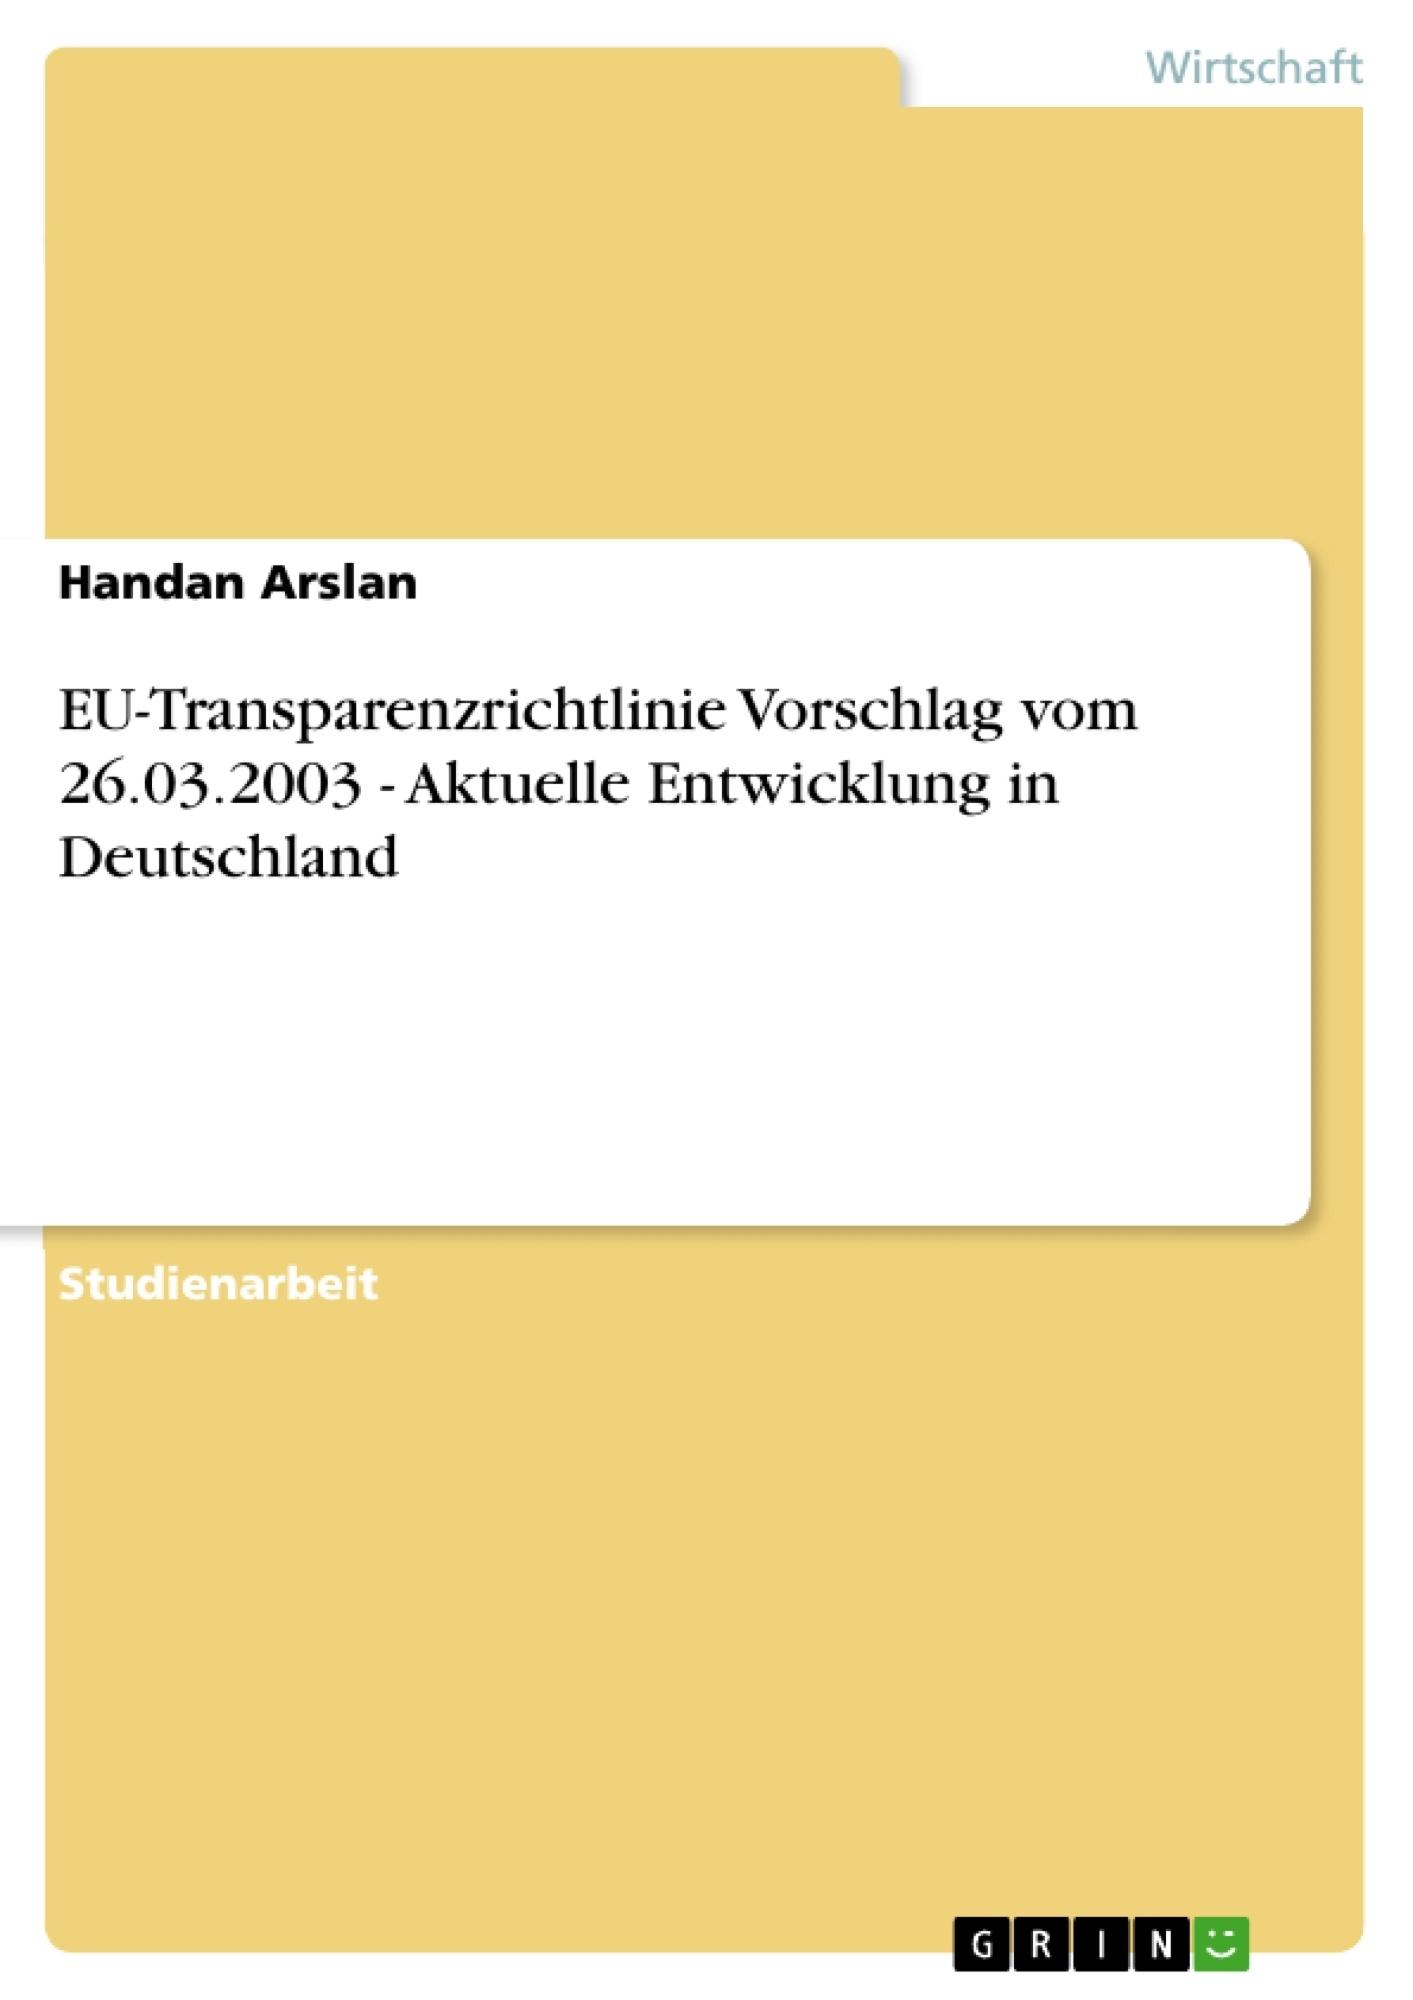 Titel: EU-Transparenzrichtlinie Vorschlag vom 26.03.2003 - Aktuelle Entwicklung in Deutschland